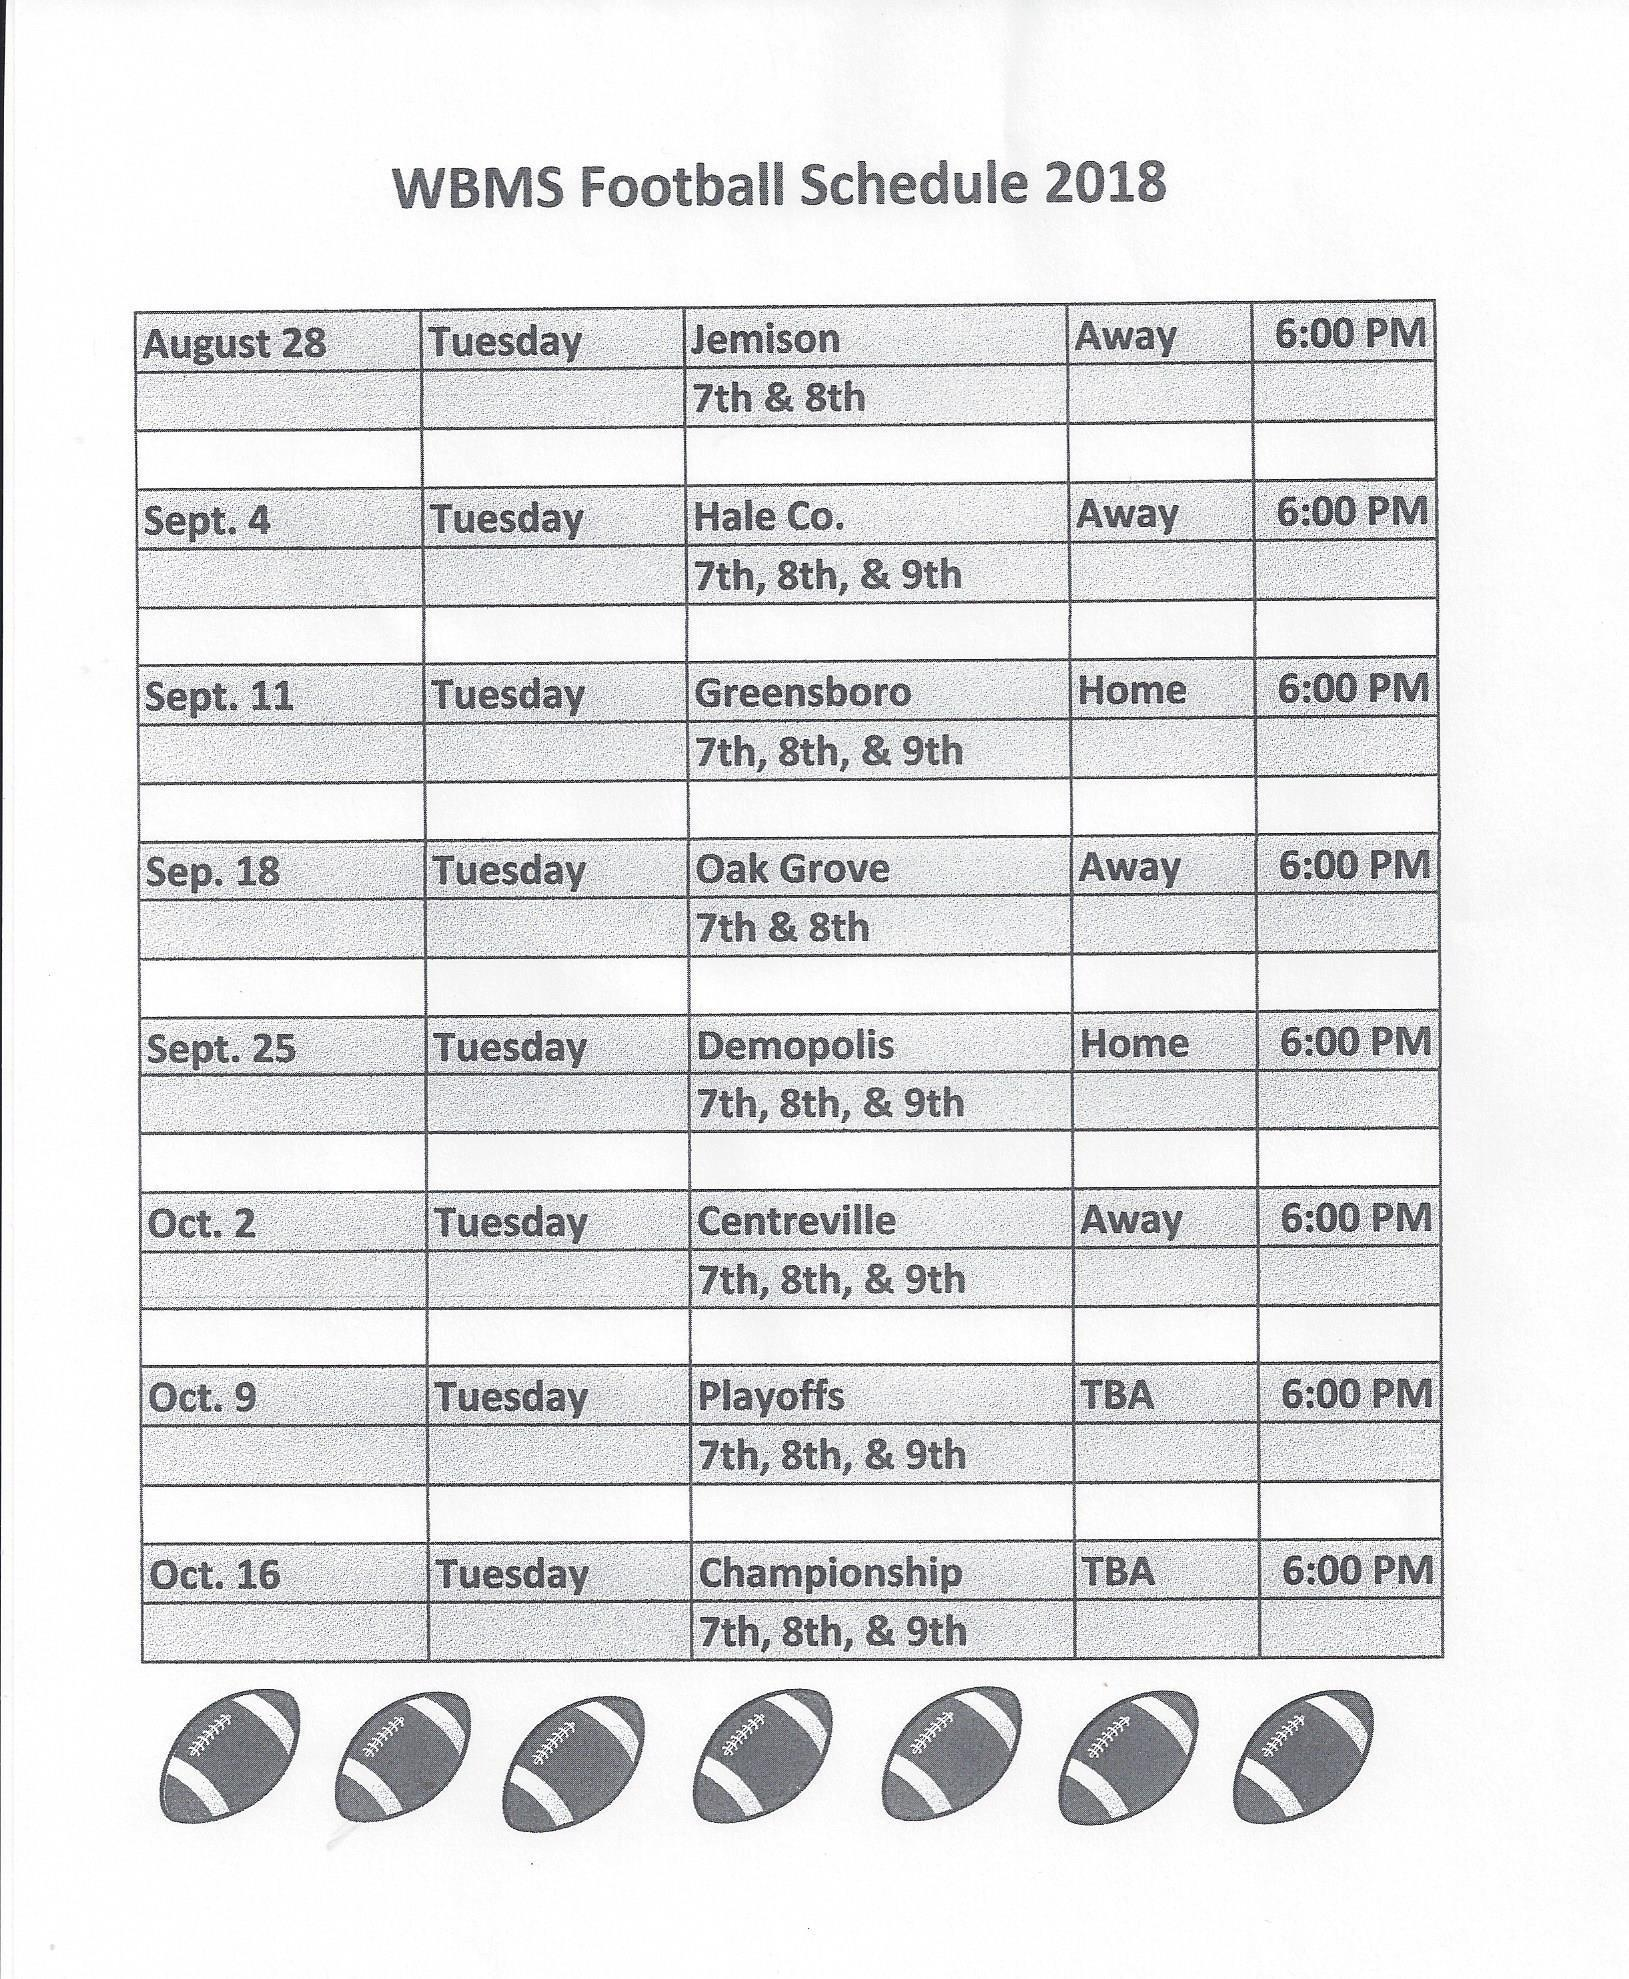 WBMS Football 2018 Schedule